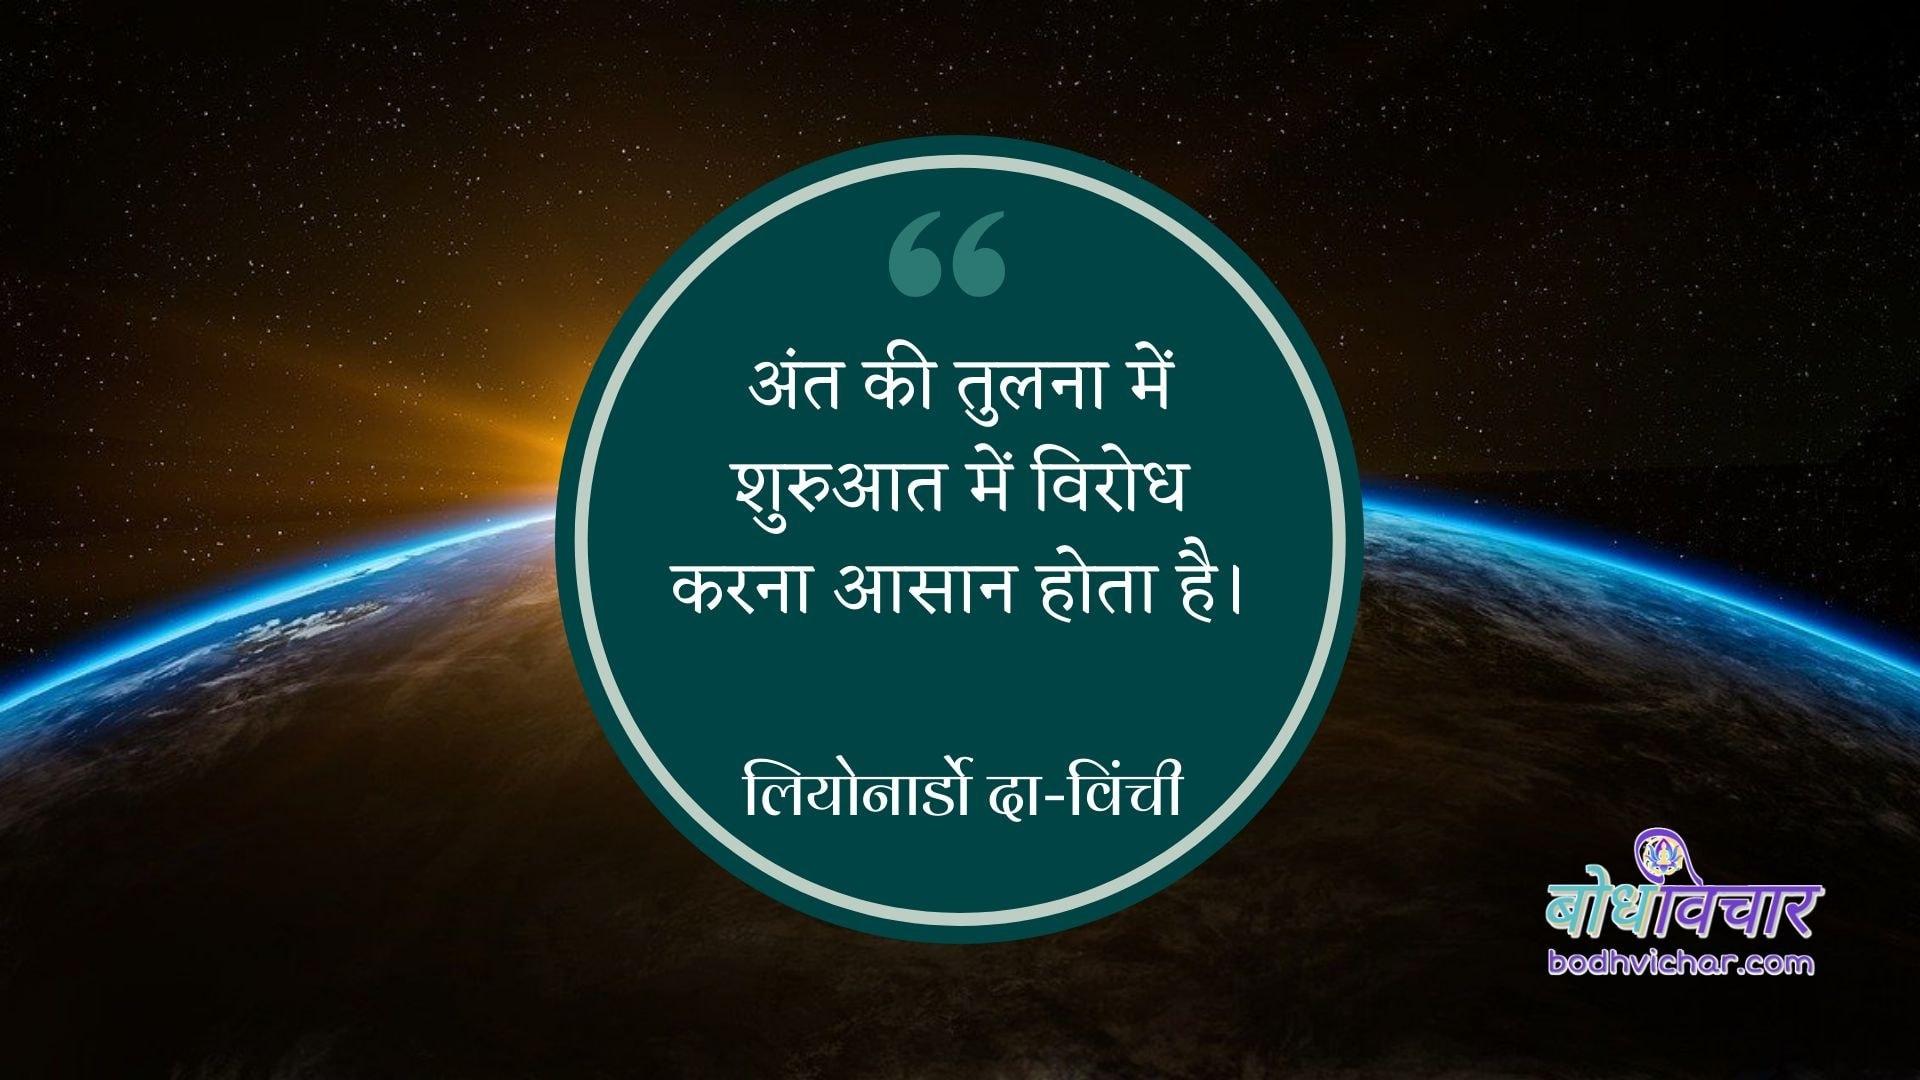 अंत की तुलना में शुरुआत में विरोध करना आसान होता है। : Ant ki tulna mein shuruaat mein virodh karna aasaaan hota hai. - लियोनार्डो दा-विंची